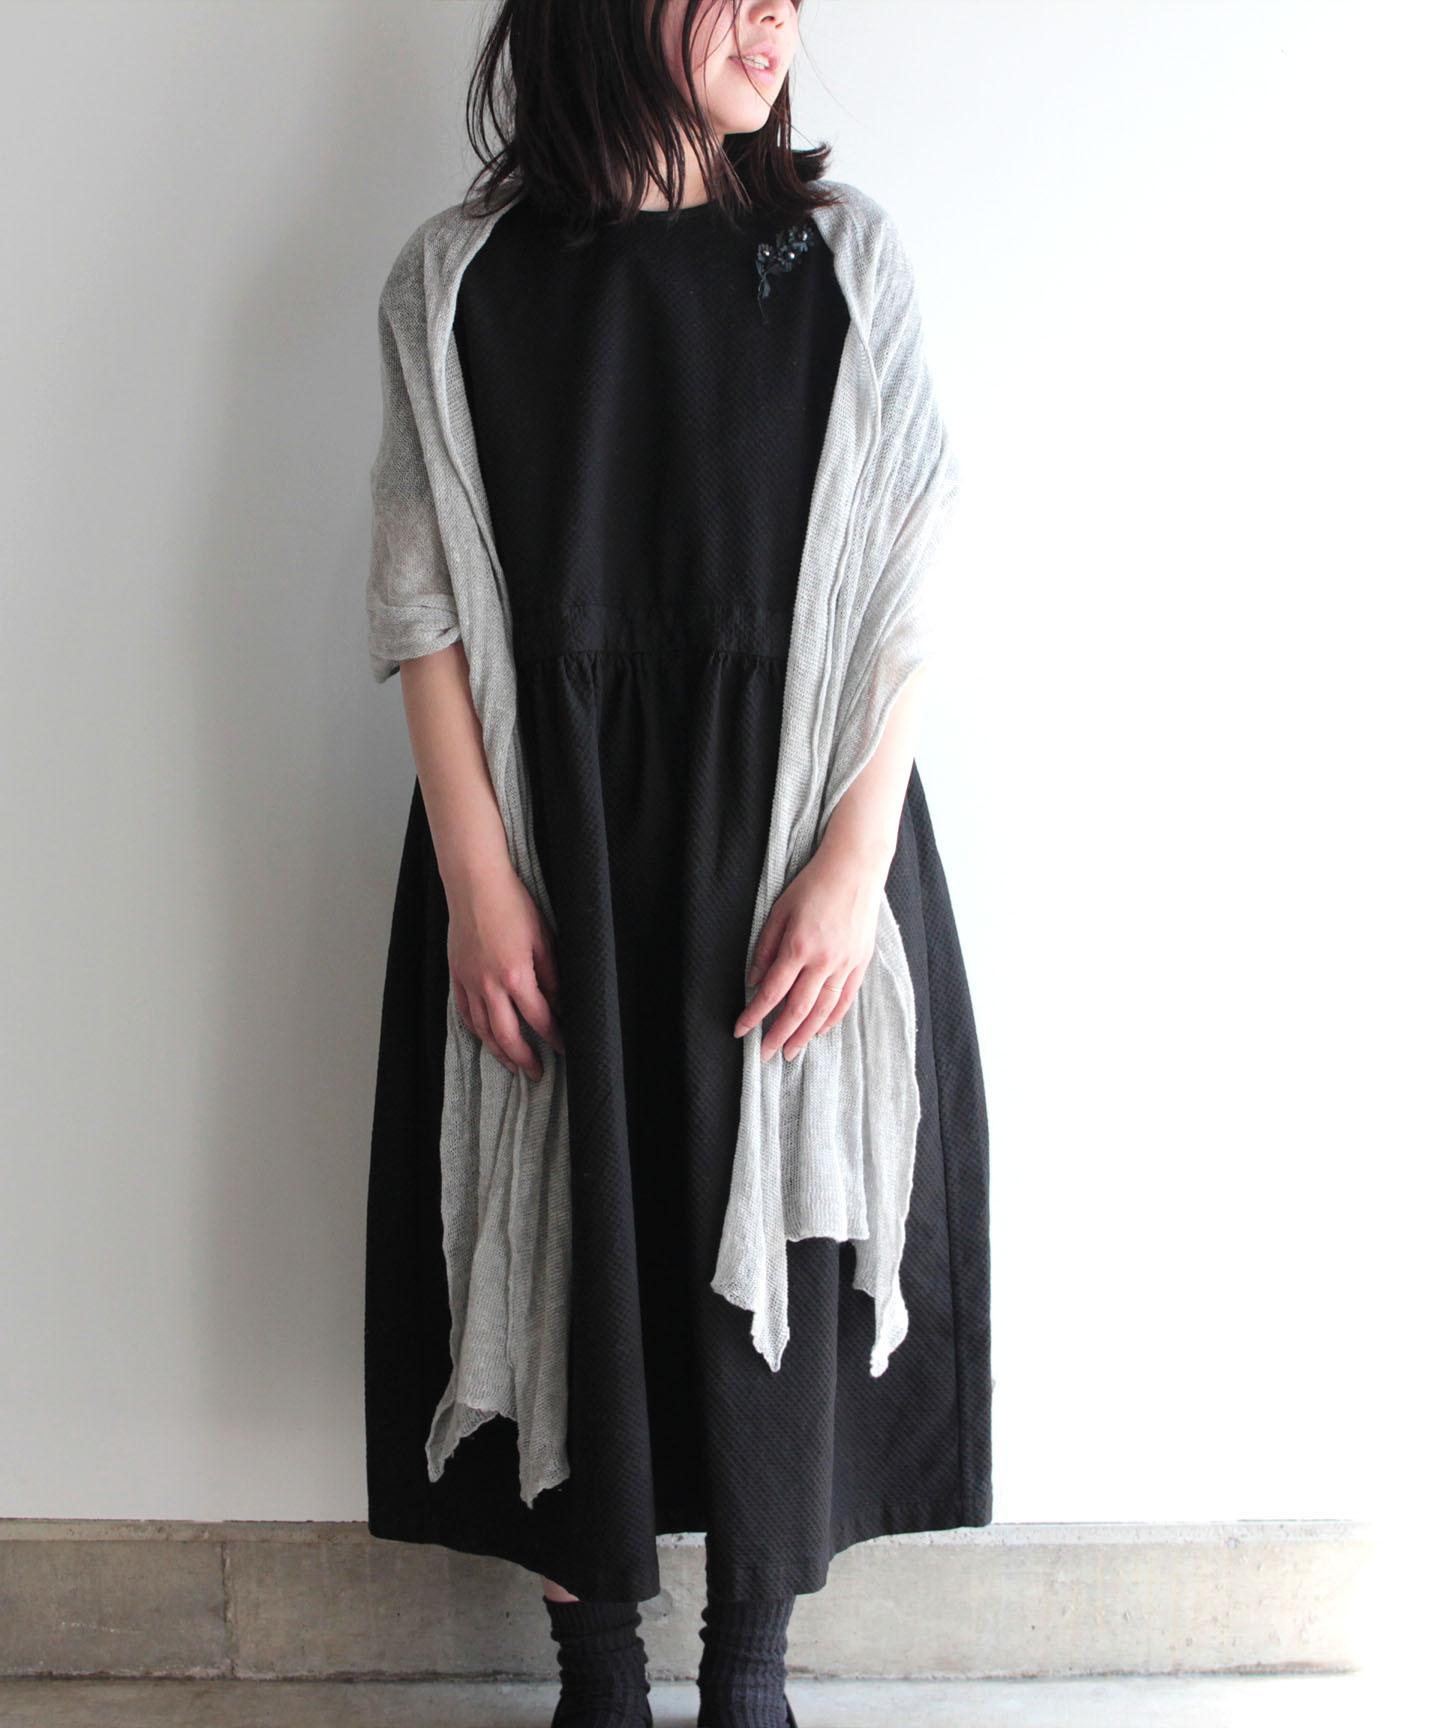 【手編み機で編んだ】ベルギーリネンのストール 丈長タイプ(AD015)